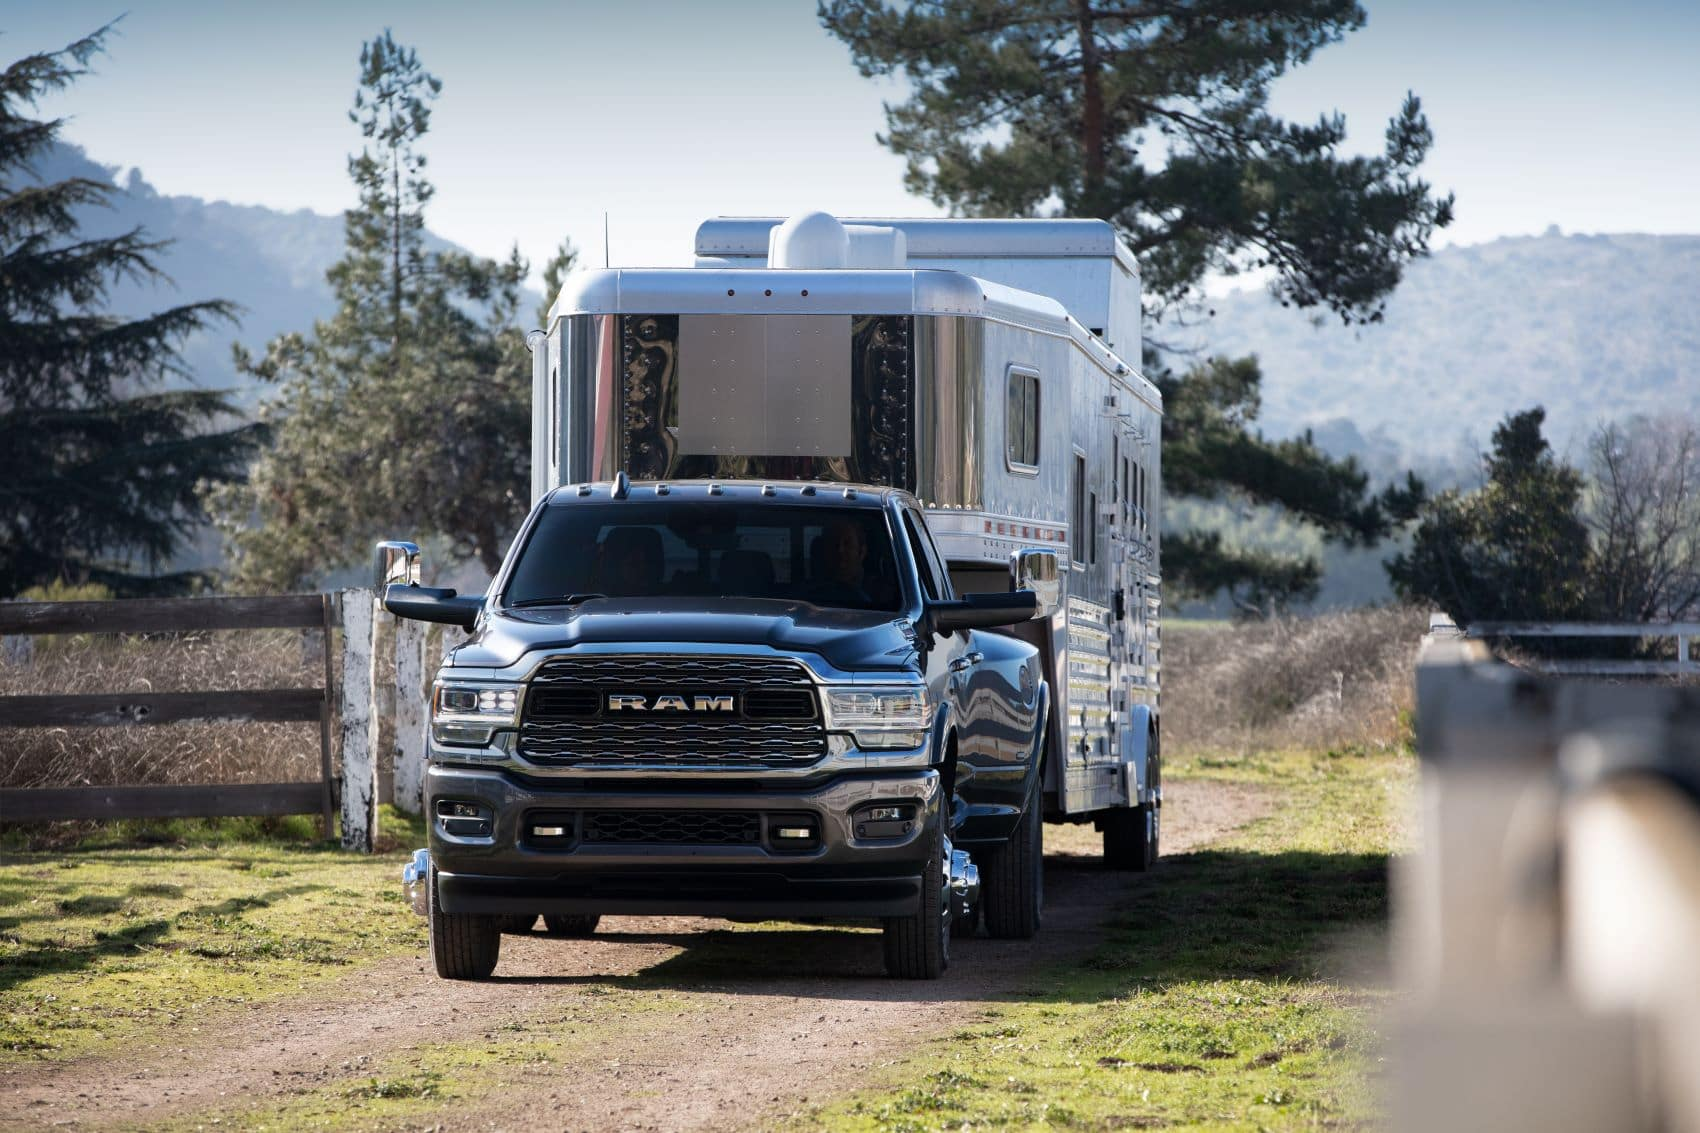 Ram 1500 truck towing a horse trailer